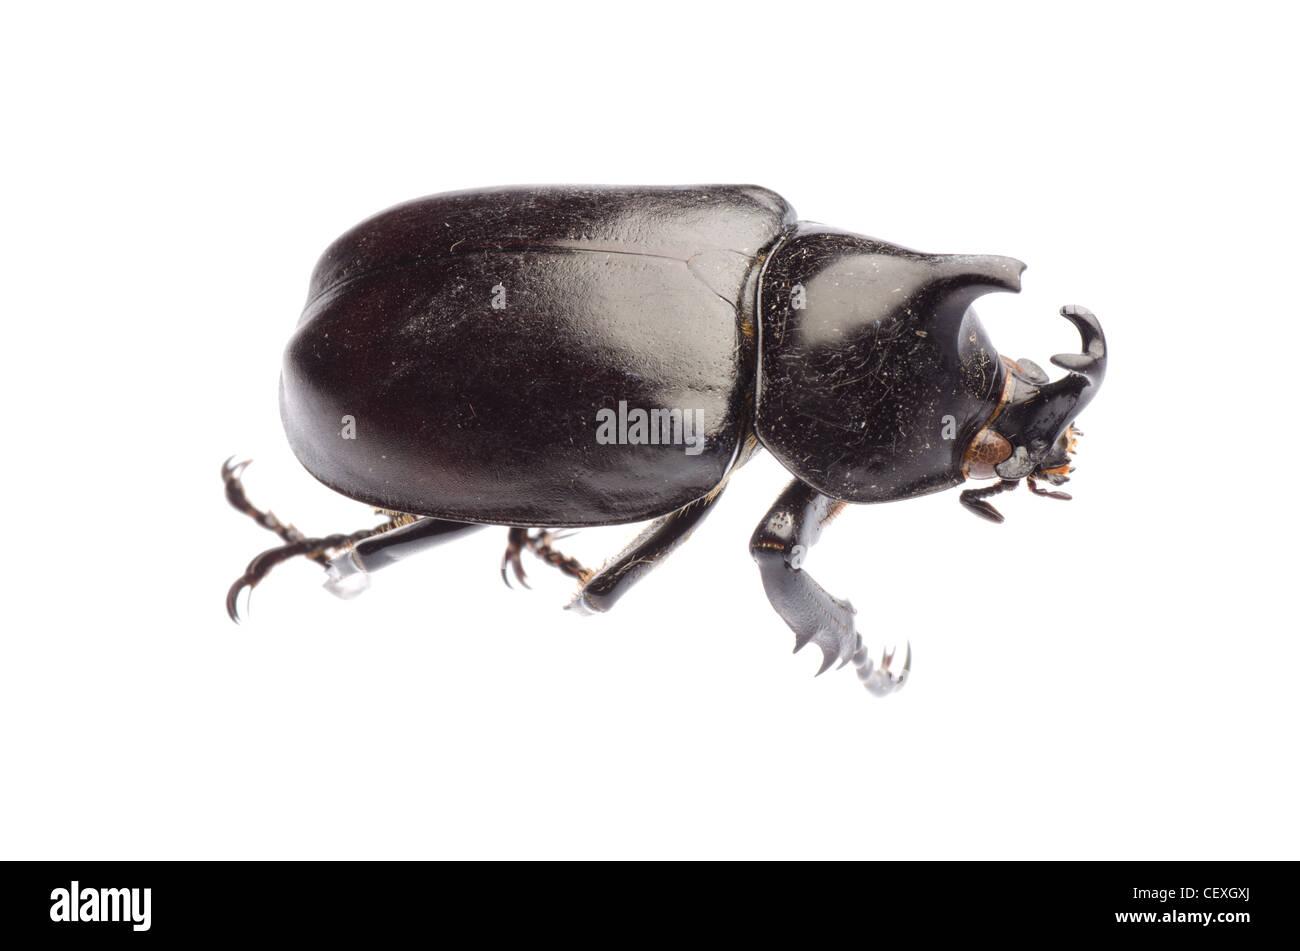 insect giant scarab rhino beetle Xylottrupes gideon isolated - Stock Image